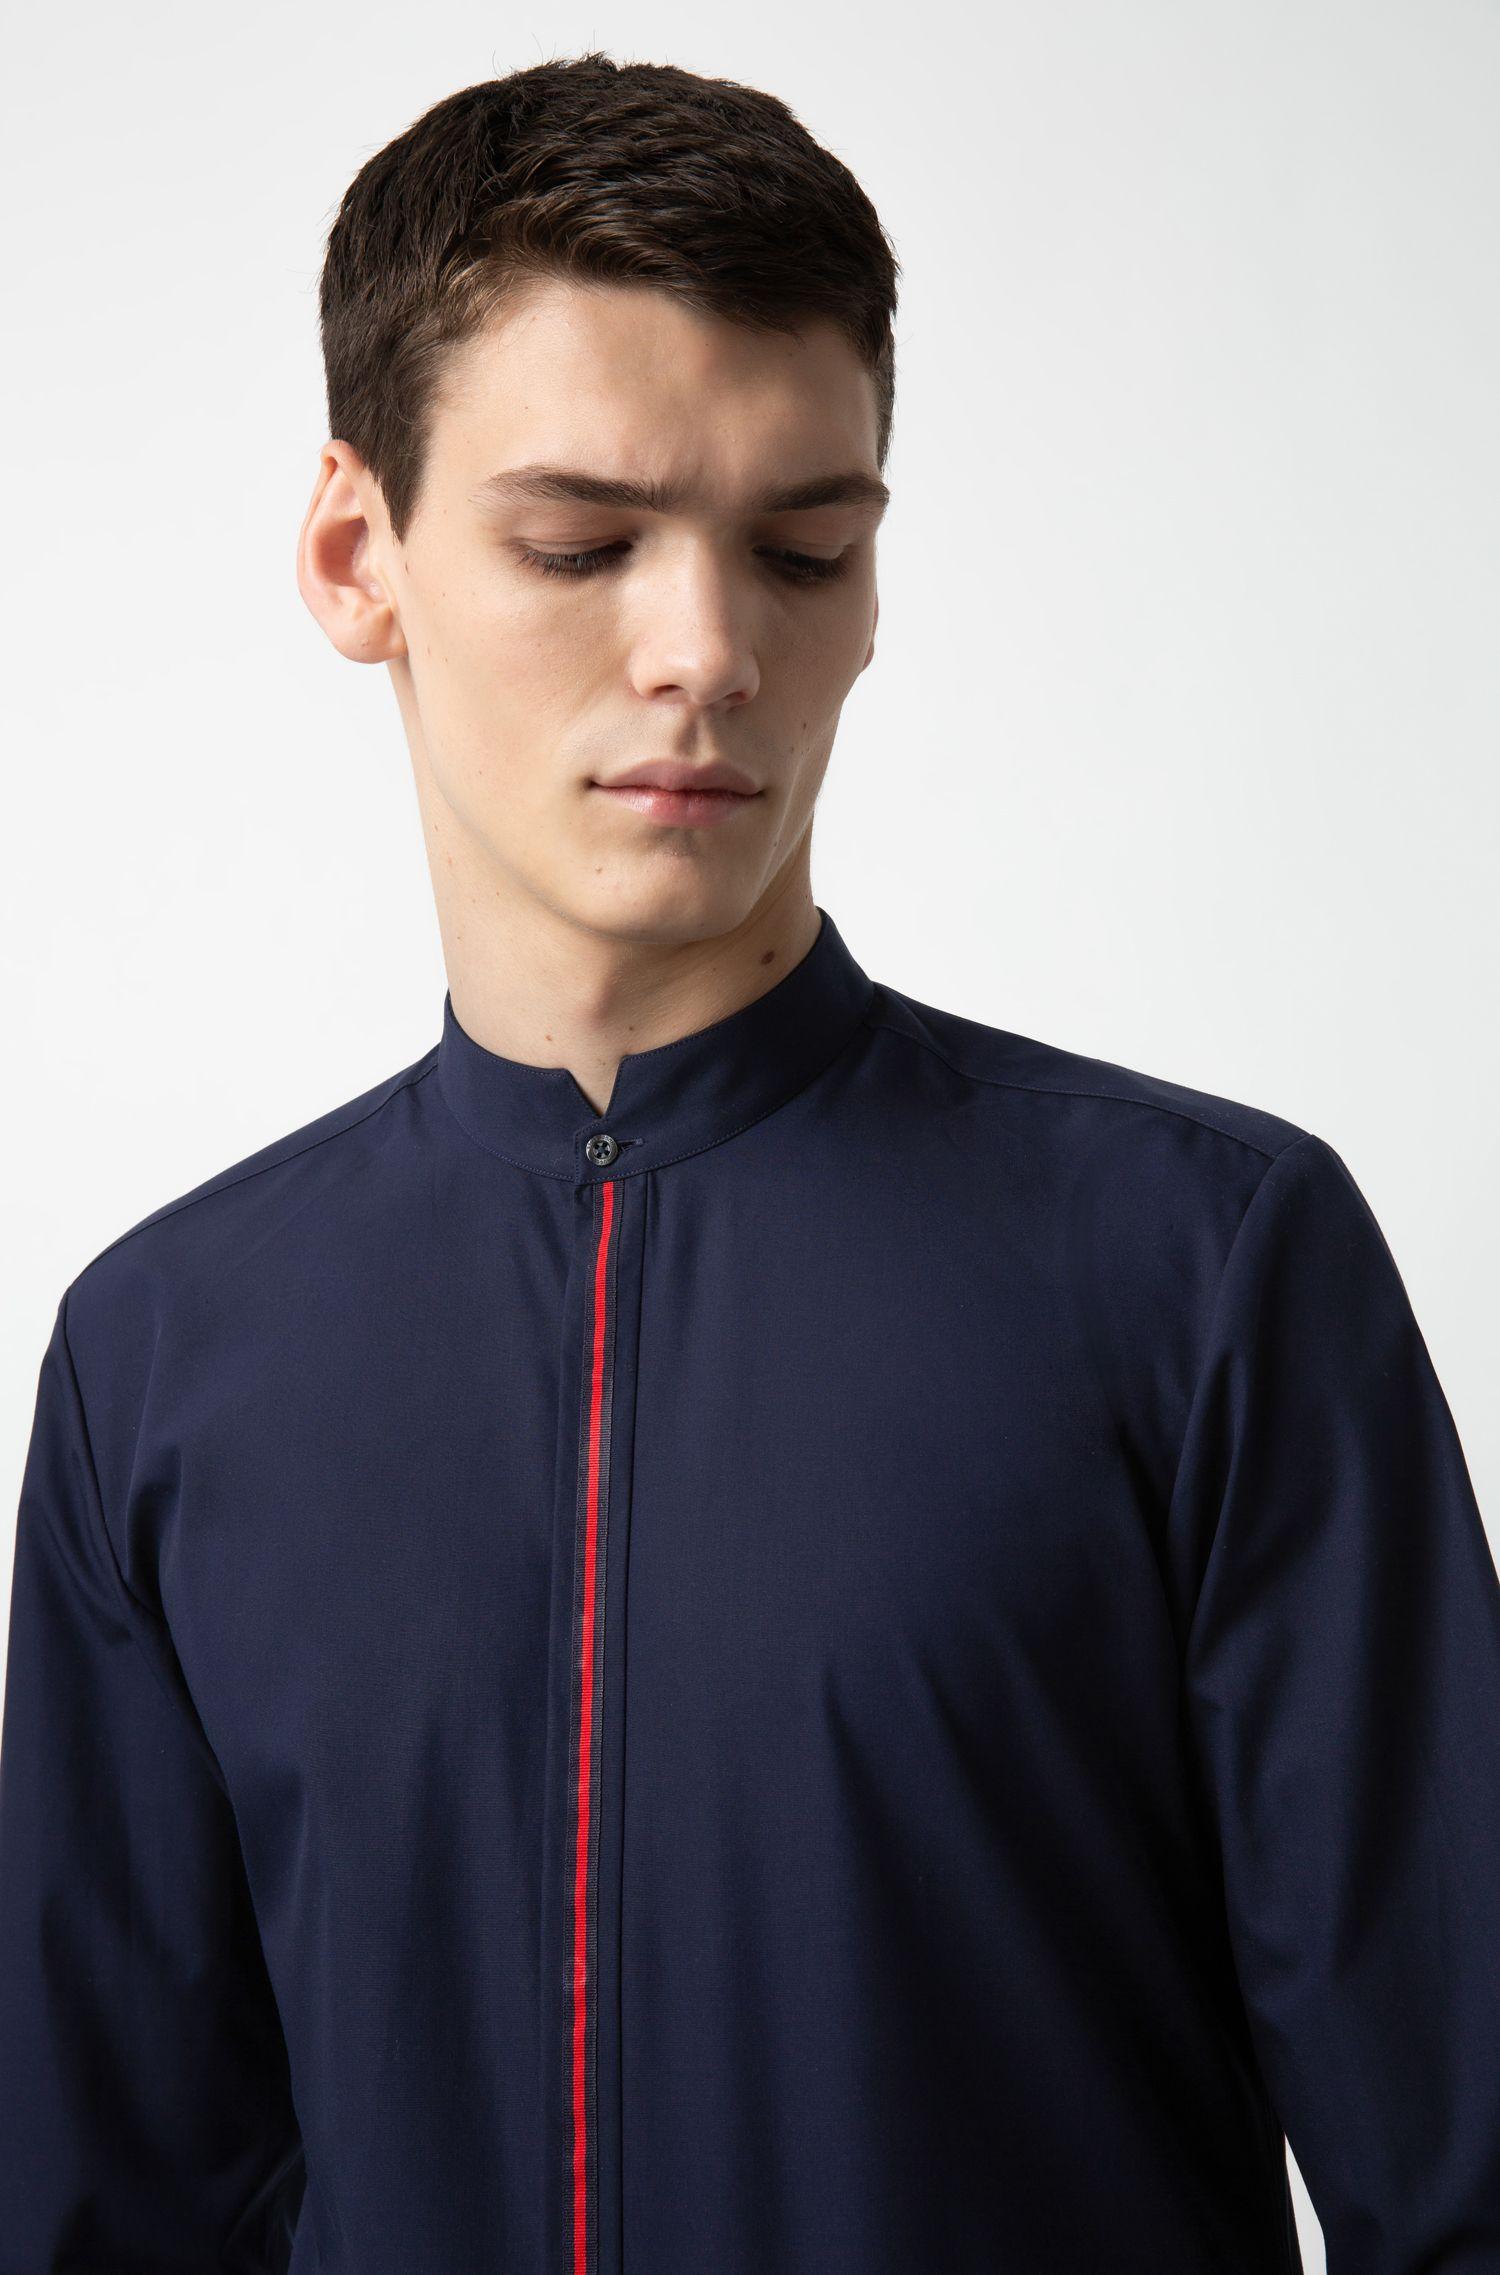 Hugo Boss - Extra Slim-Fit Hemd aus Baumwolle mit Streifen an der Knopfleiste - 3